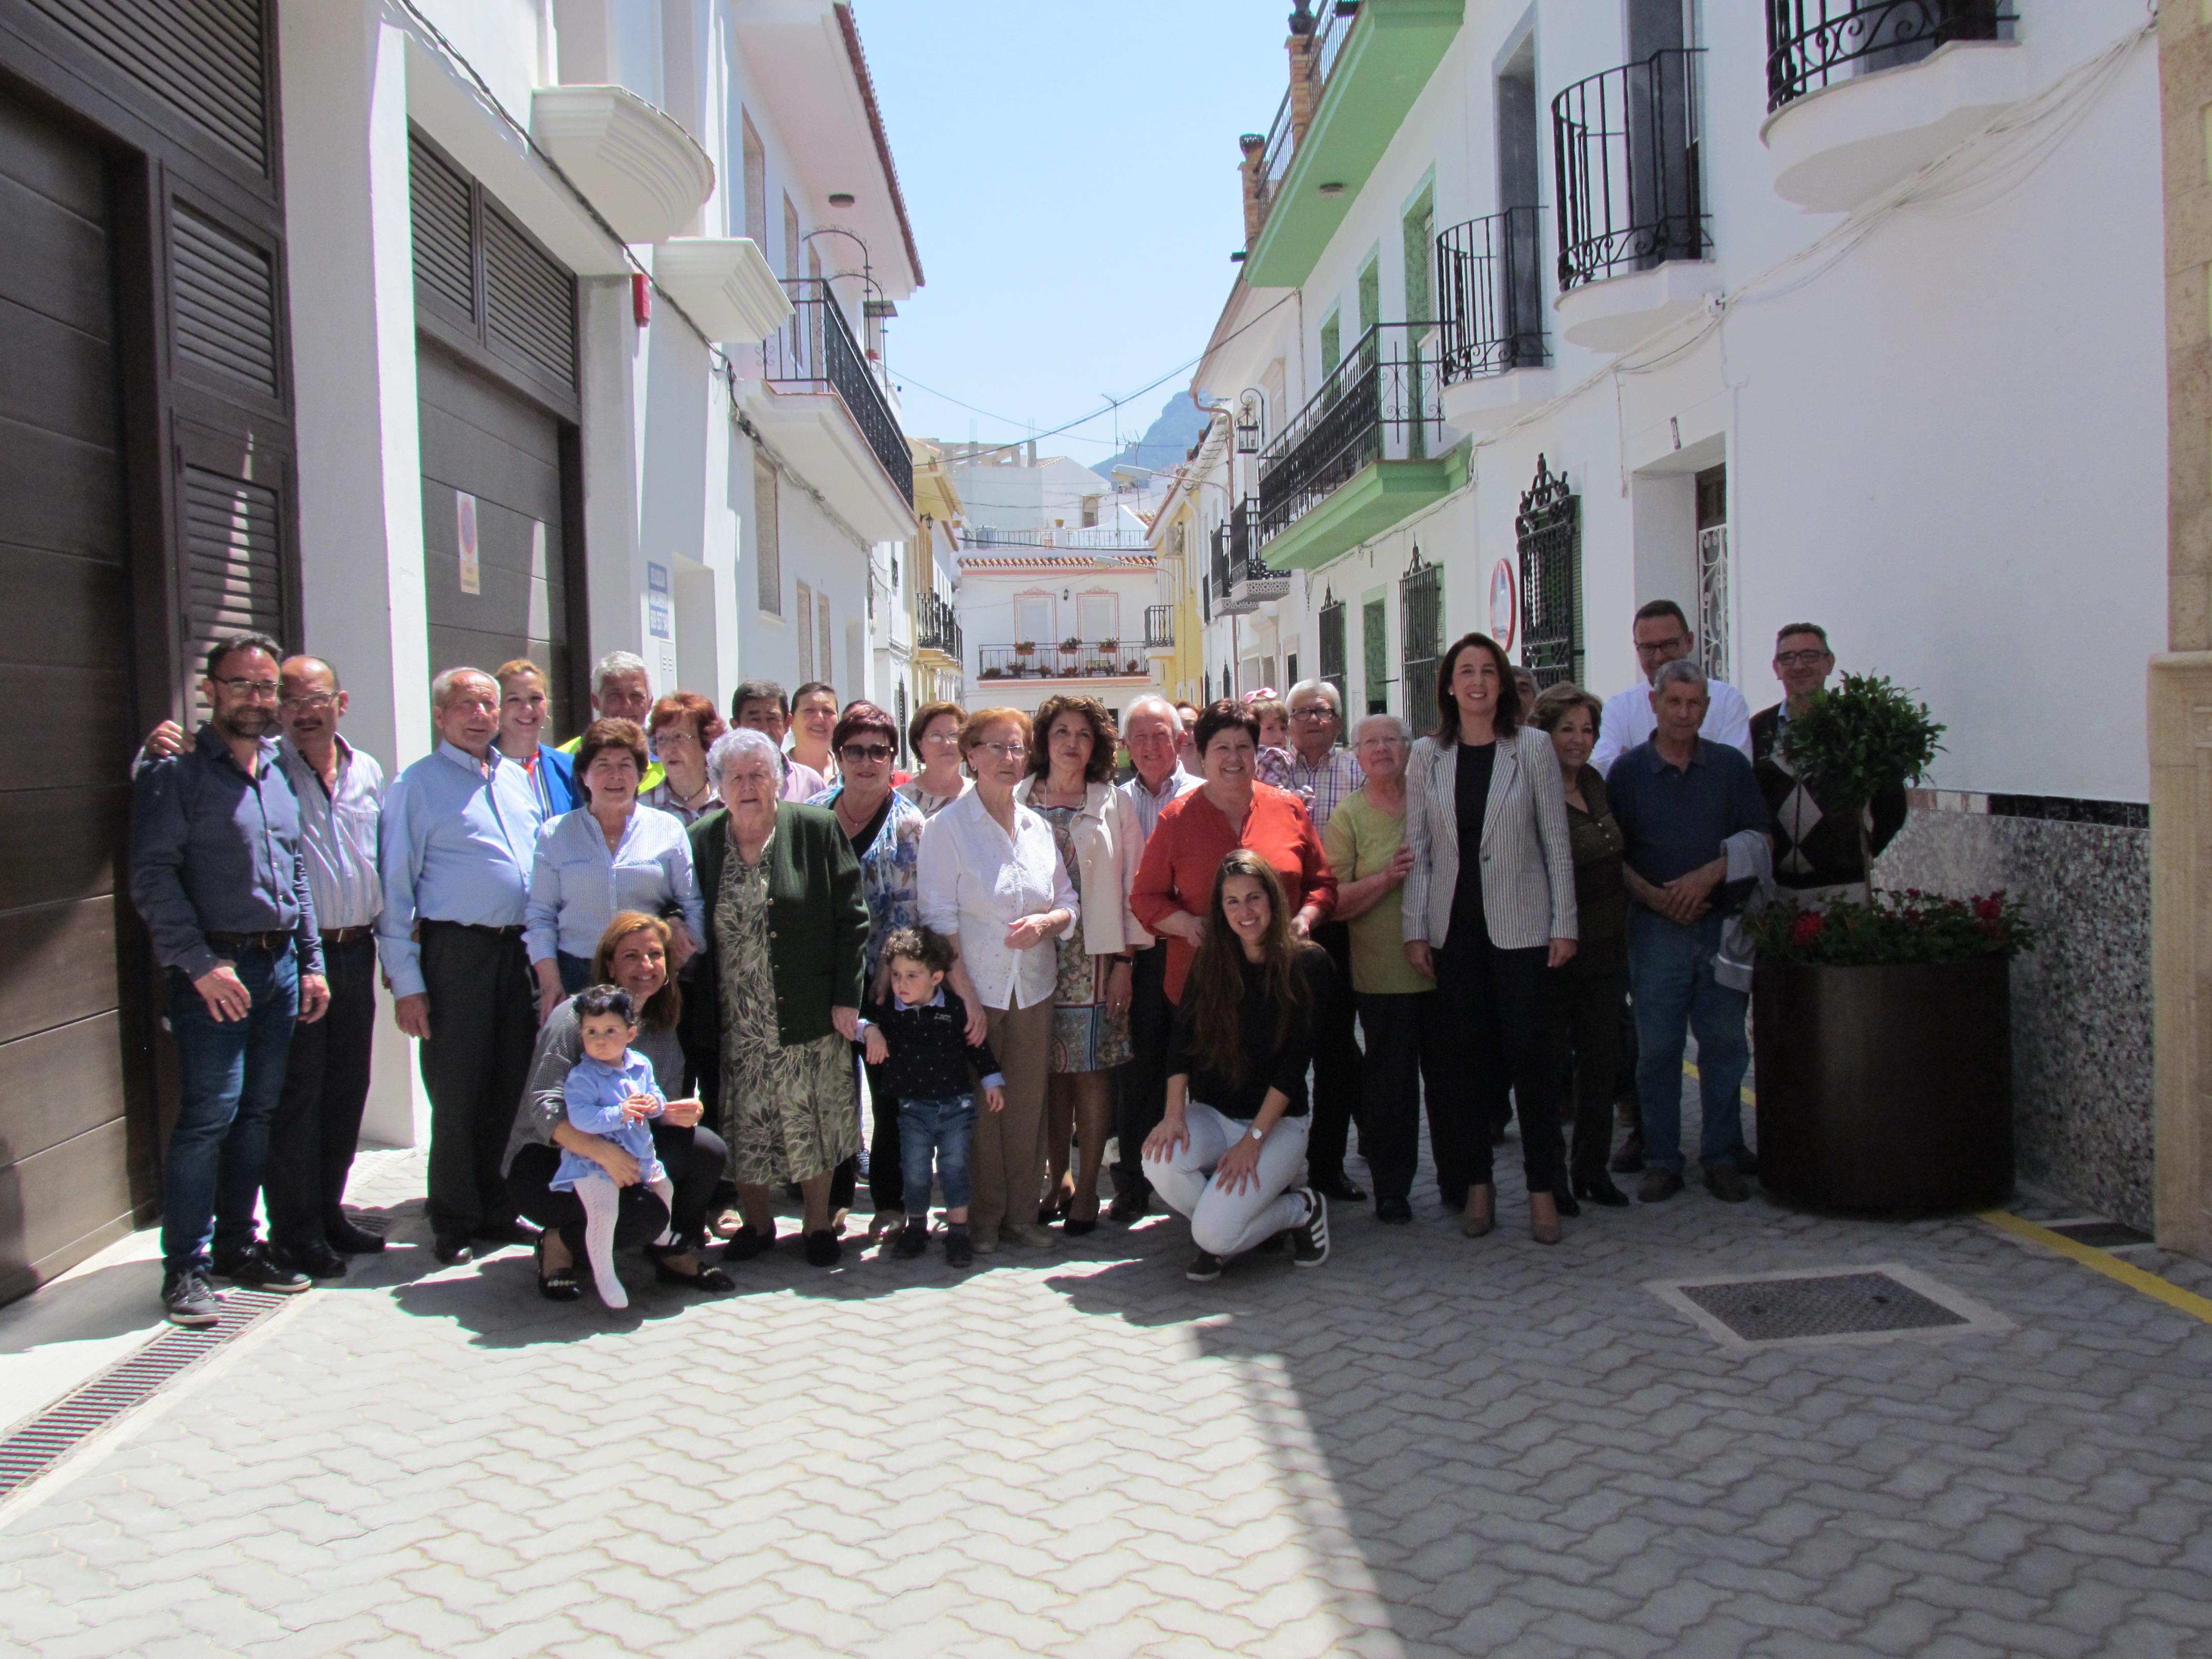 Se abre al tránsito Calle Guerrero en Alhaurín el Grande tras una importante remodelación